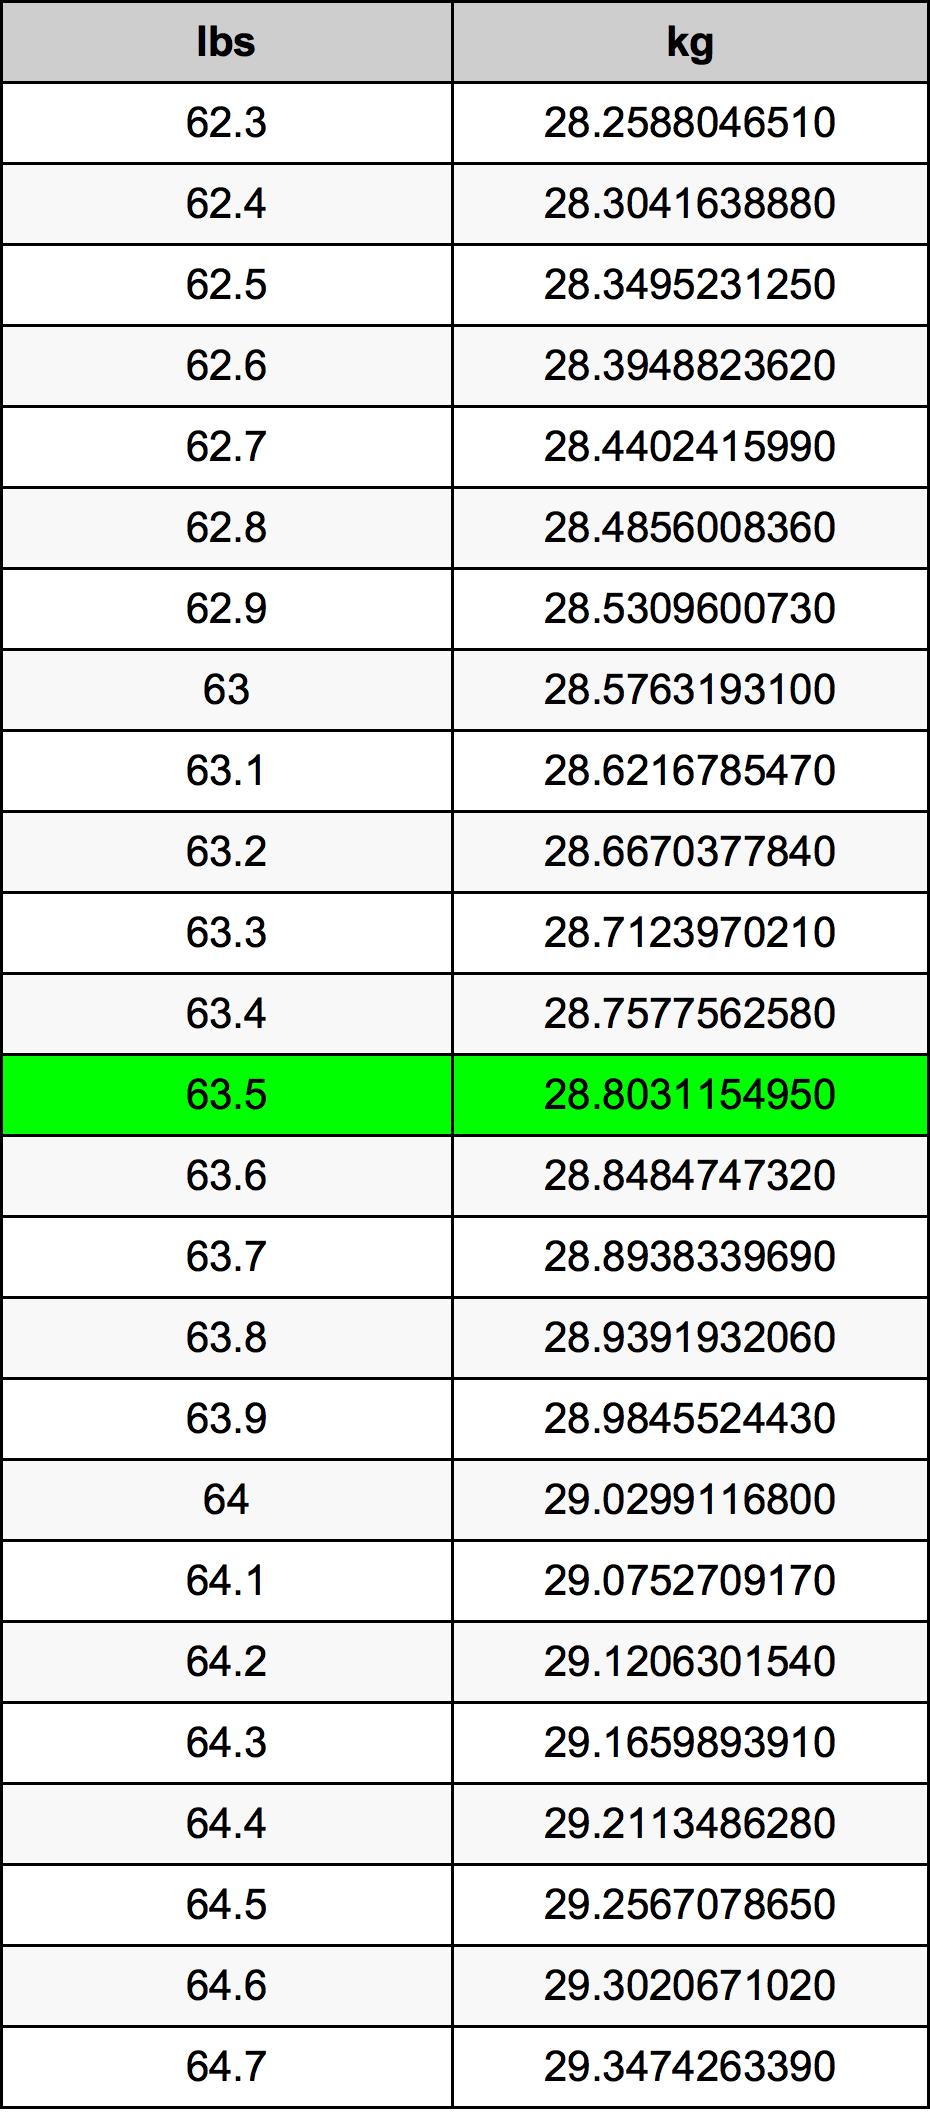 63.5 Lliura Taula de conversió